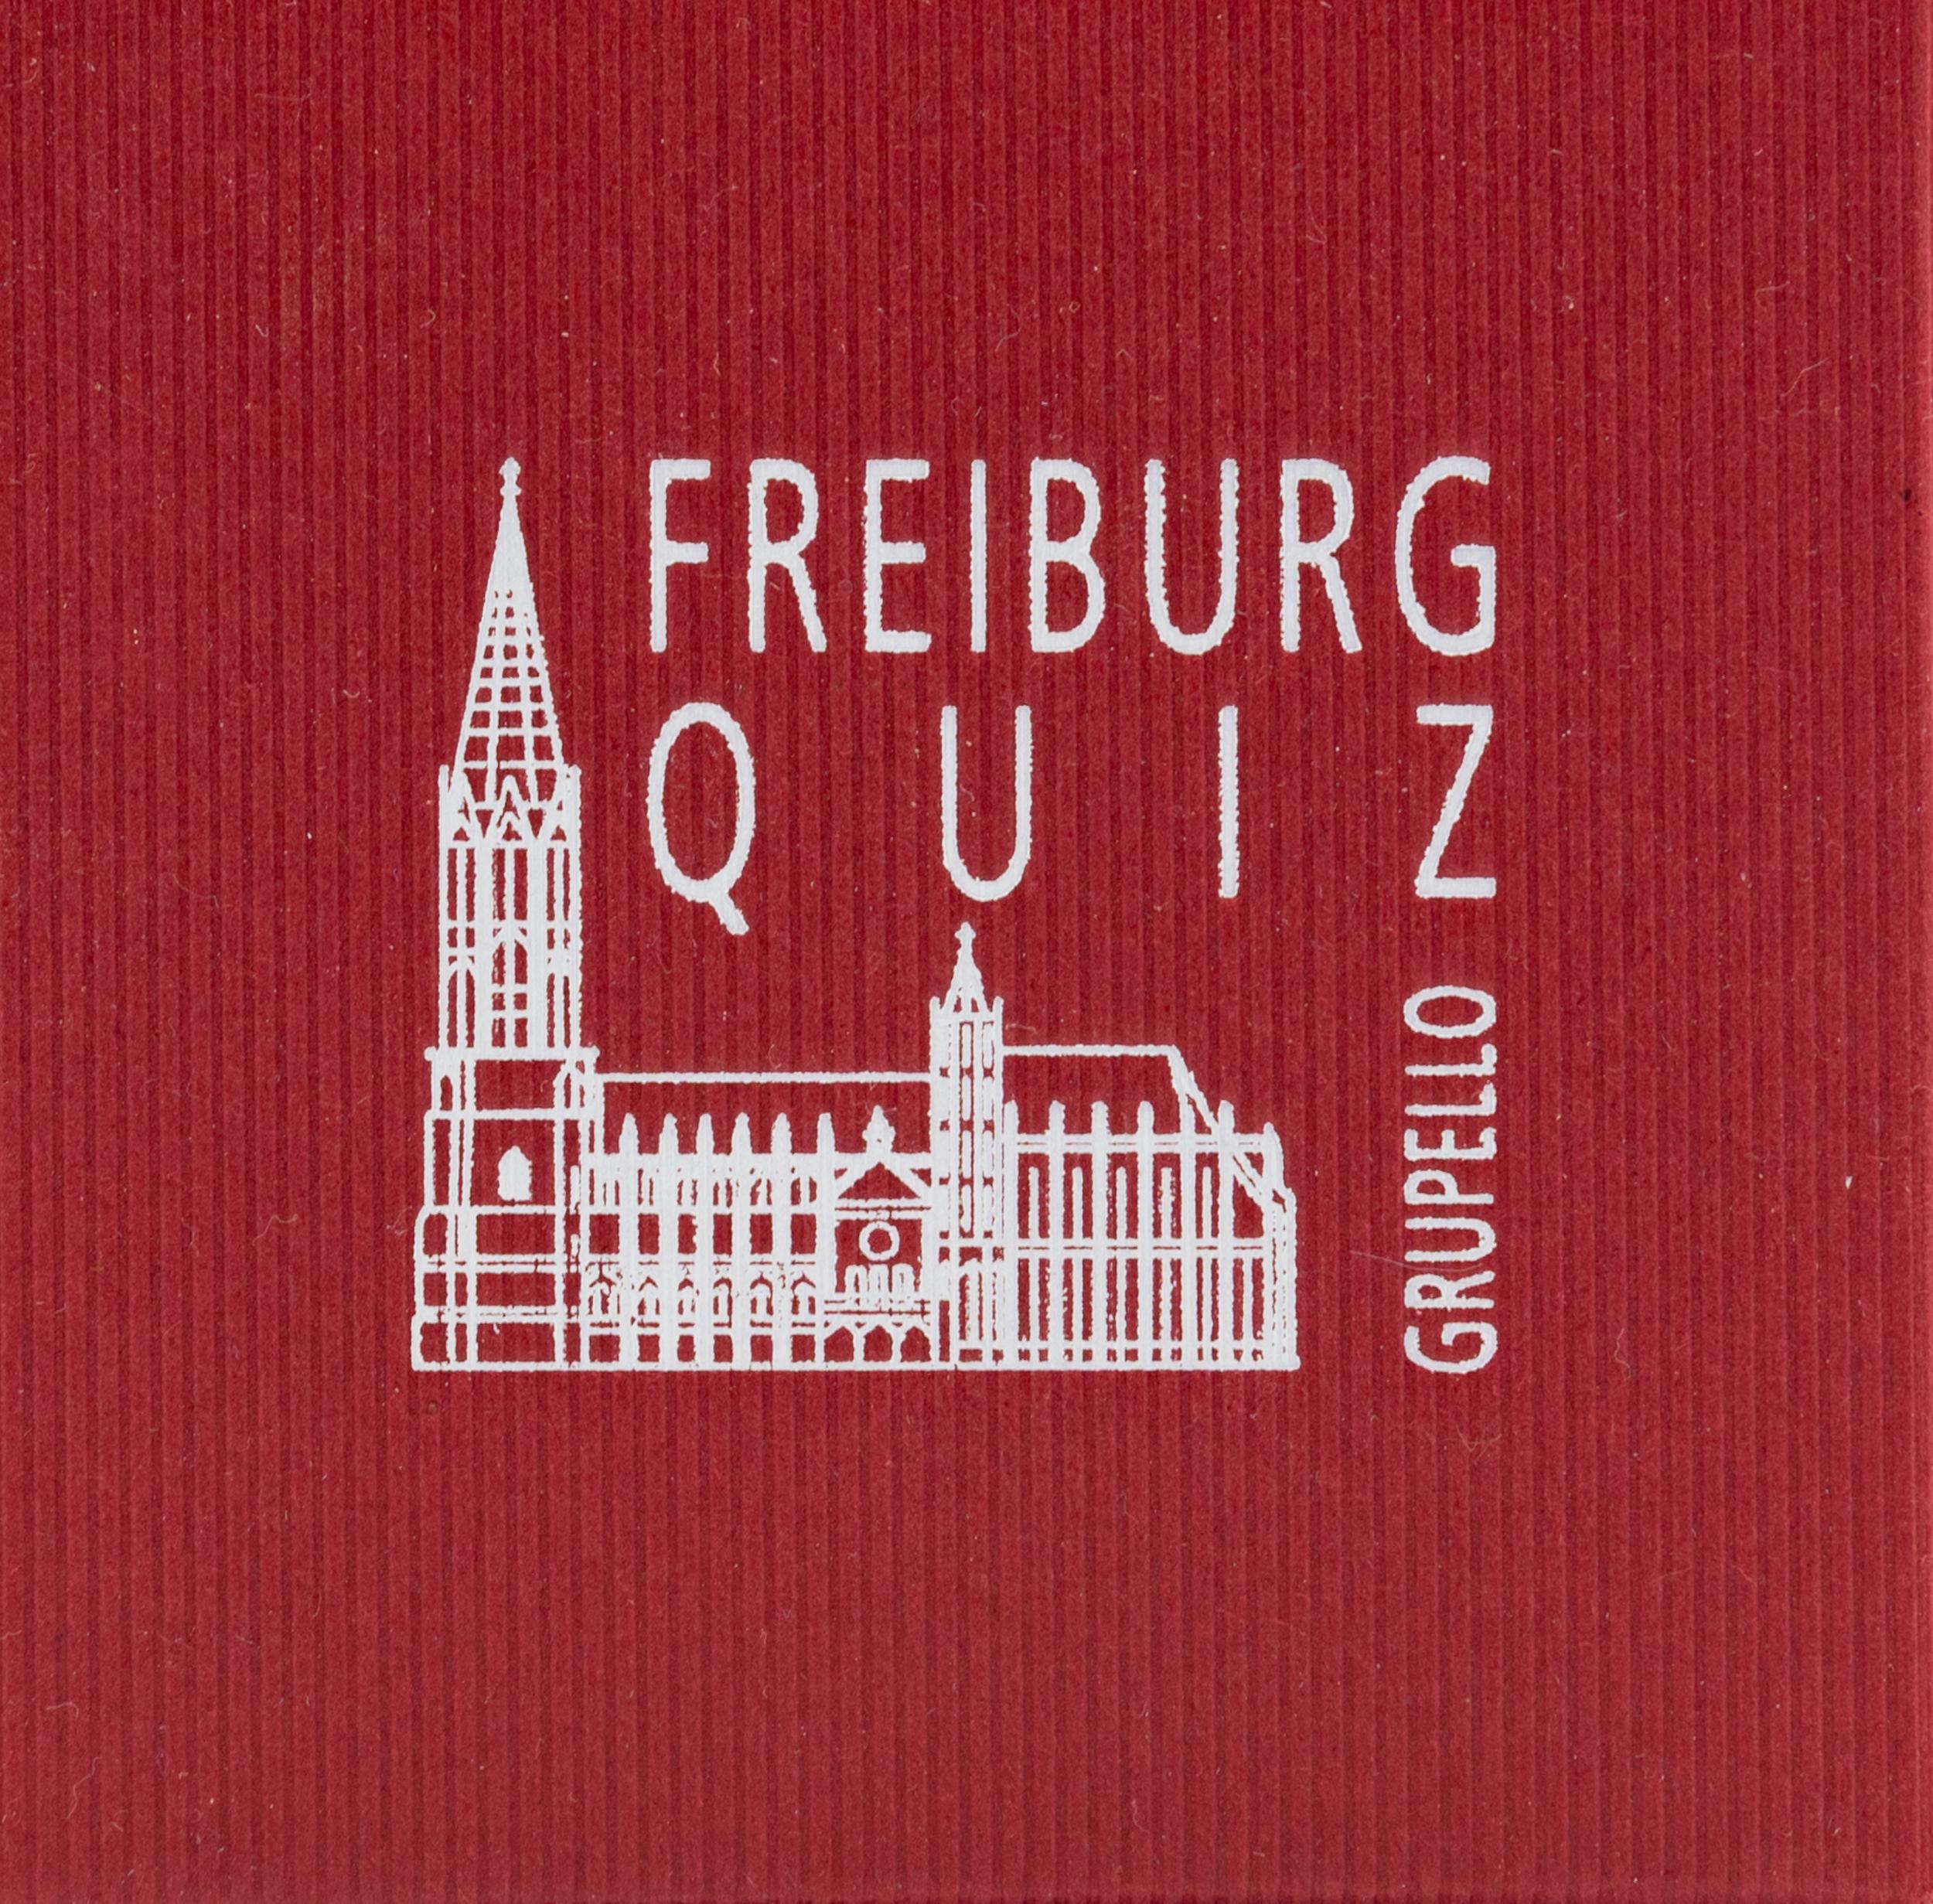 Münsterladen Freiburg Spiele Misenta Freiburg Quiz